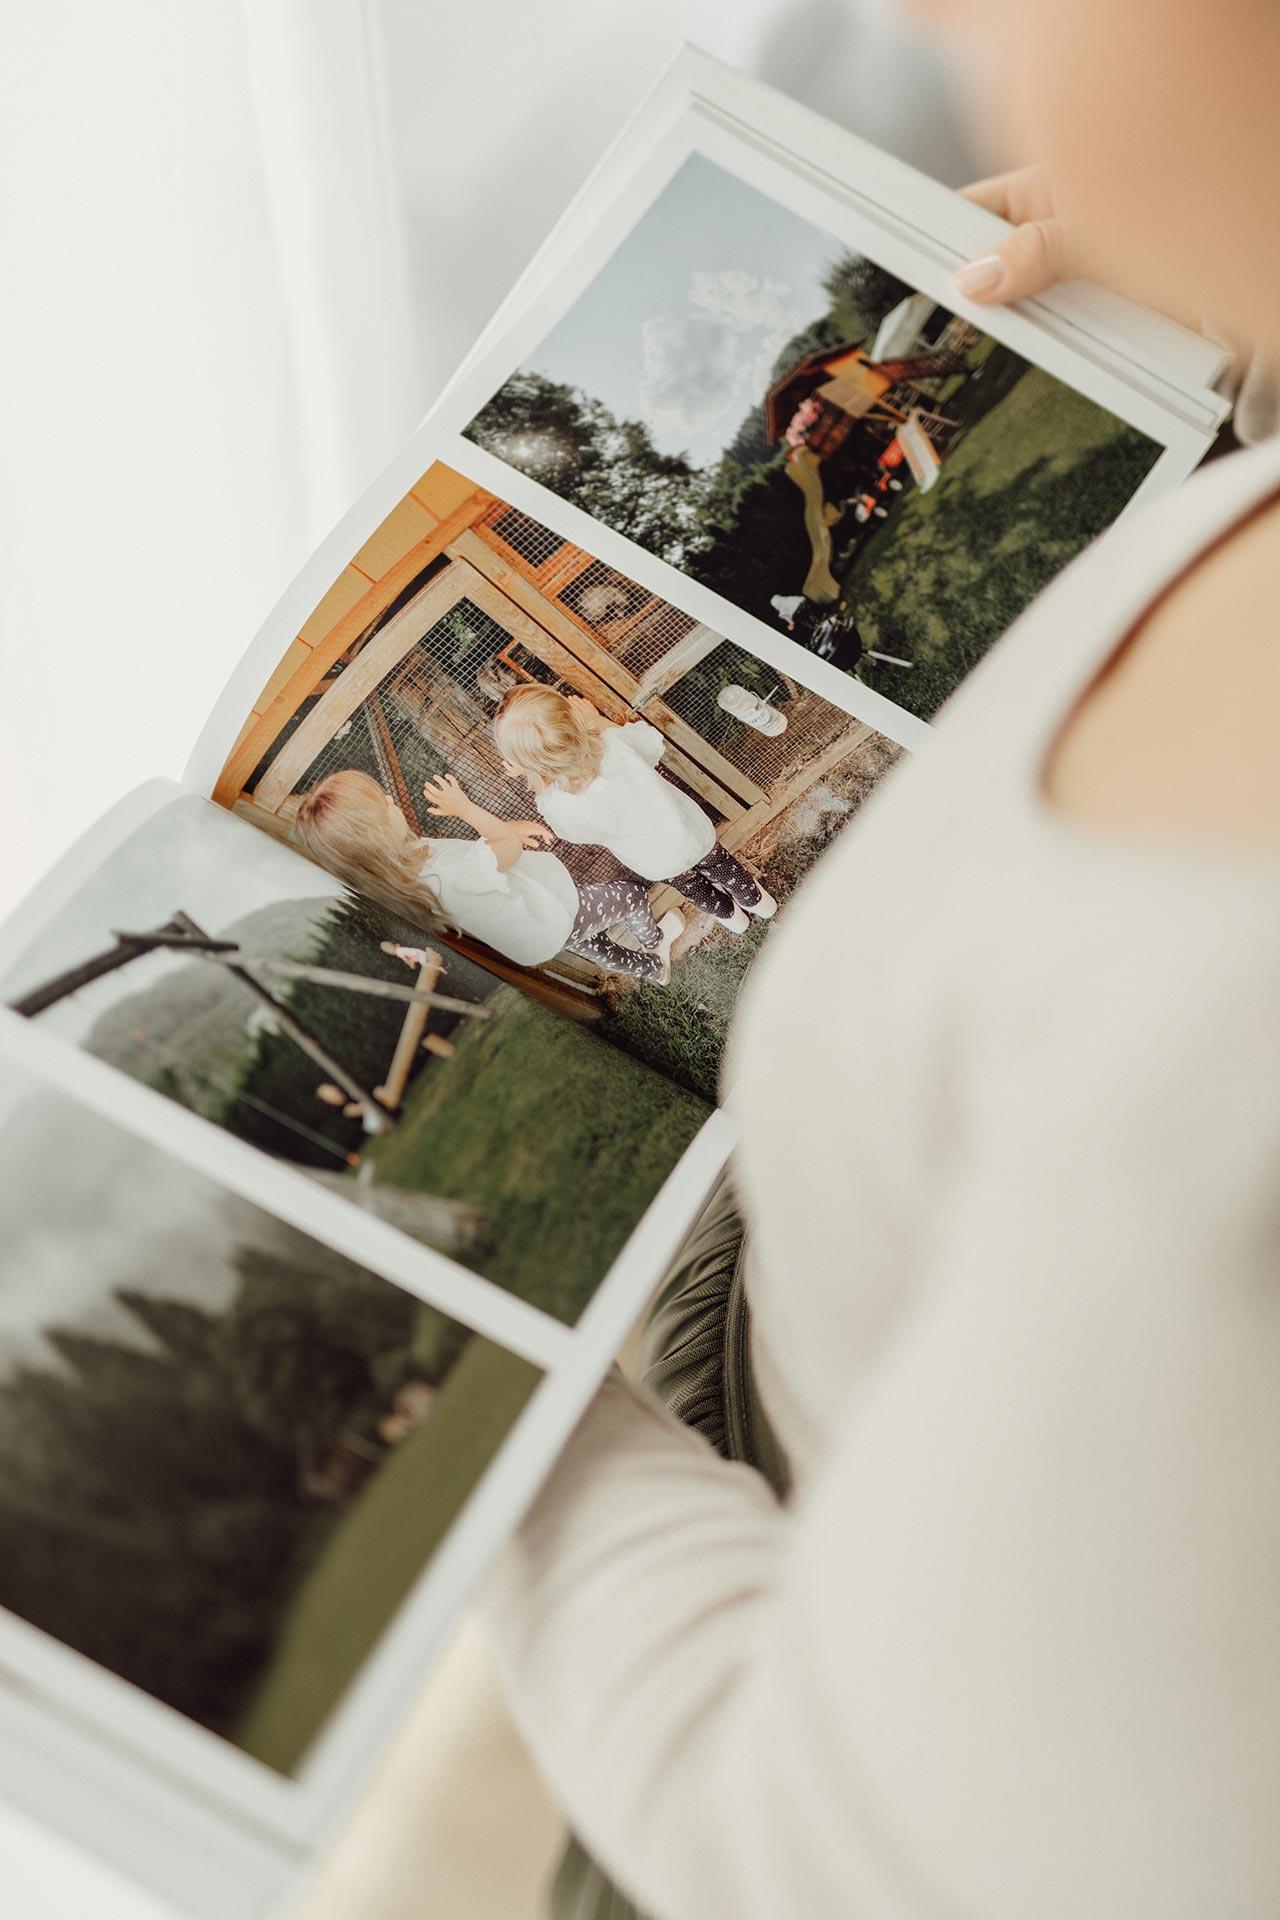 Fotobuch als Digitaldruck mit typischer Buchfalz